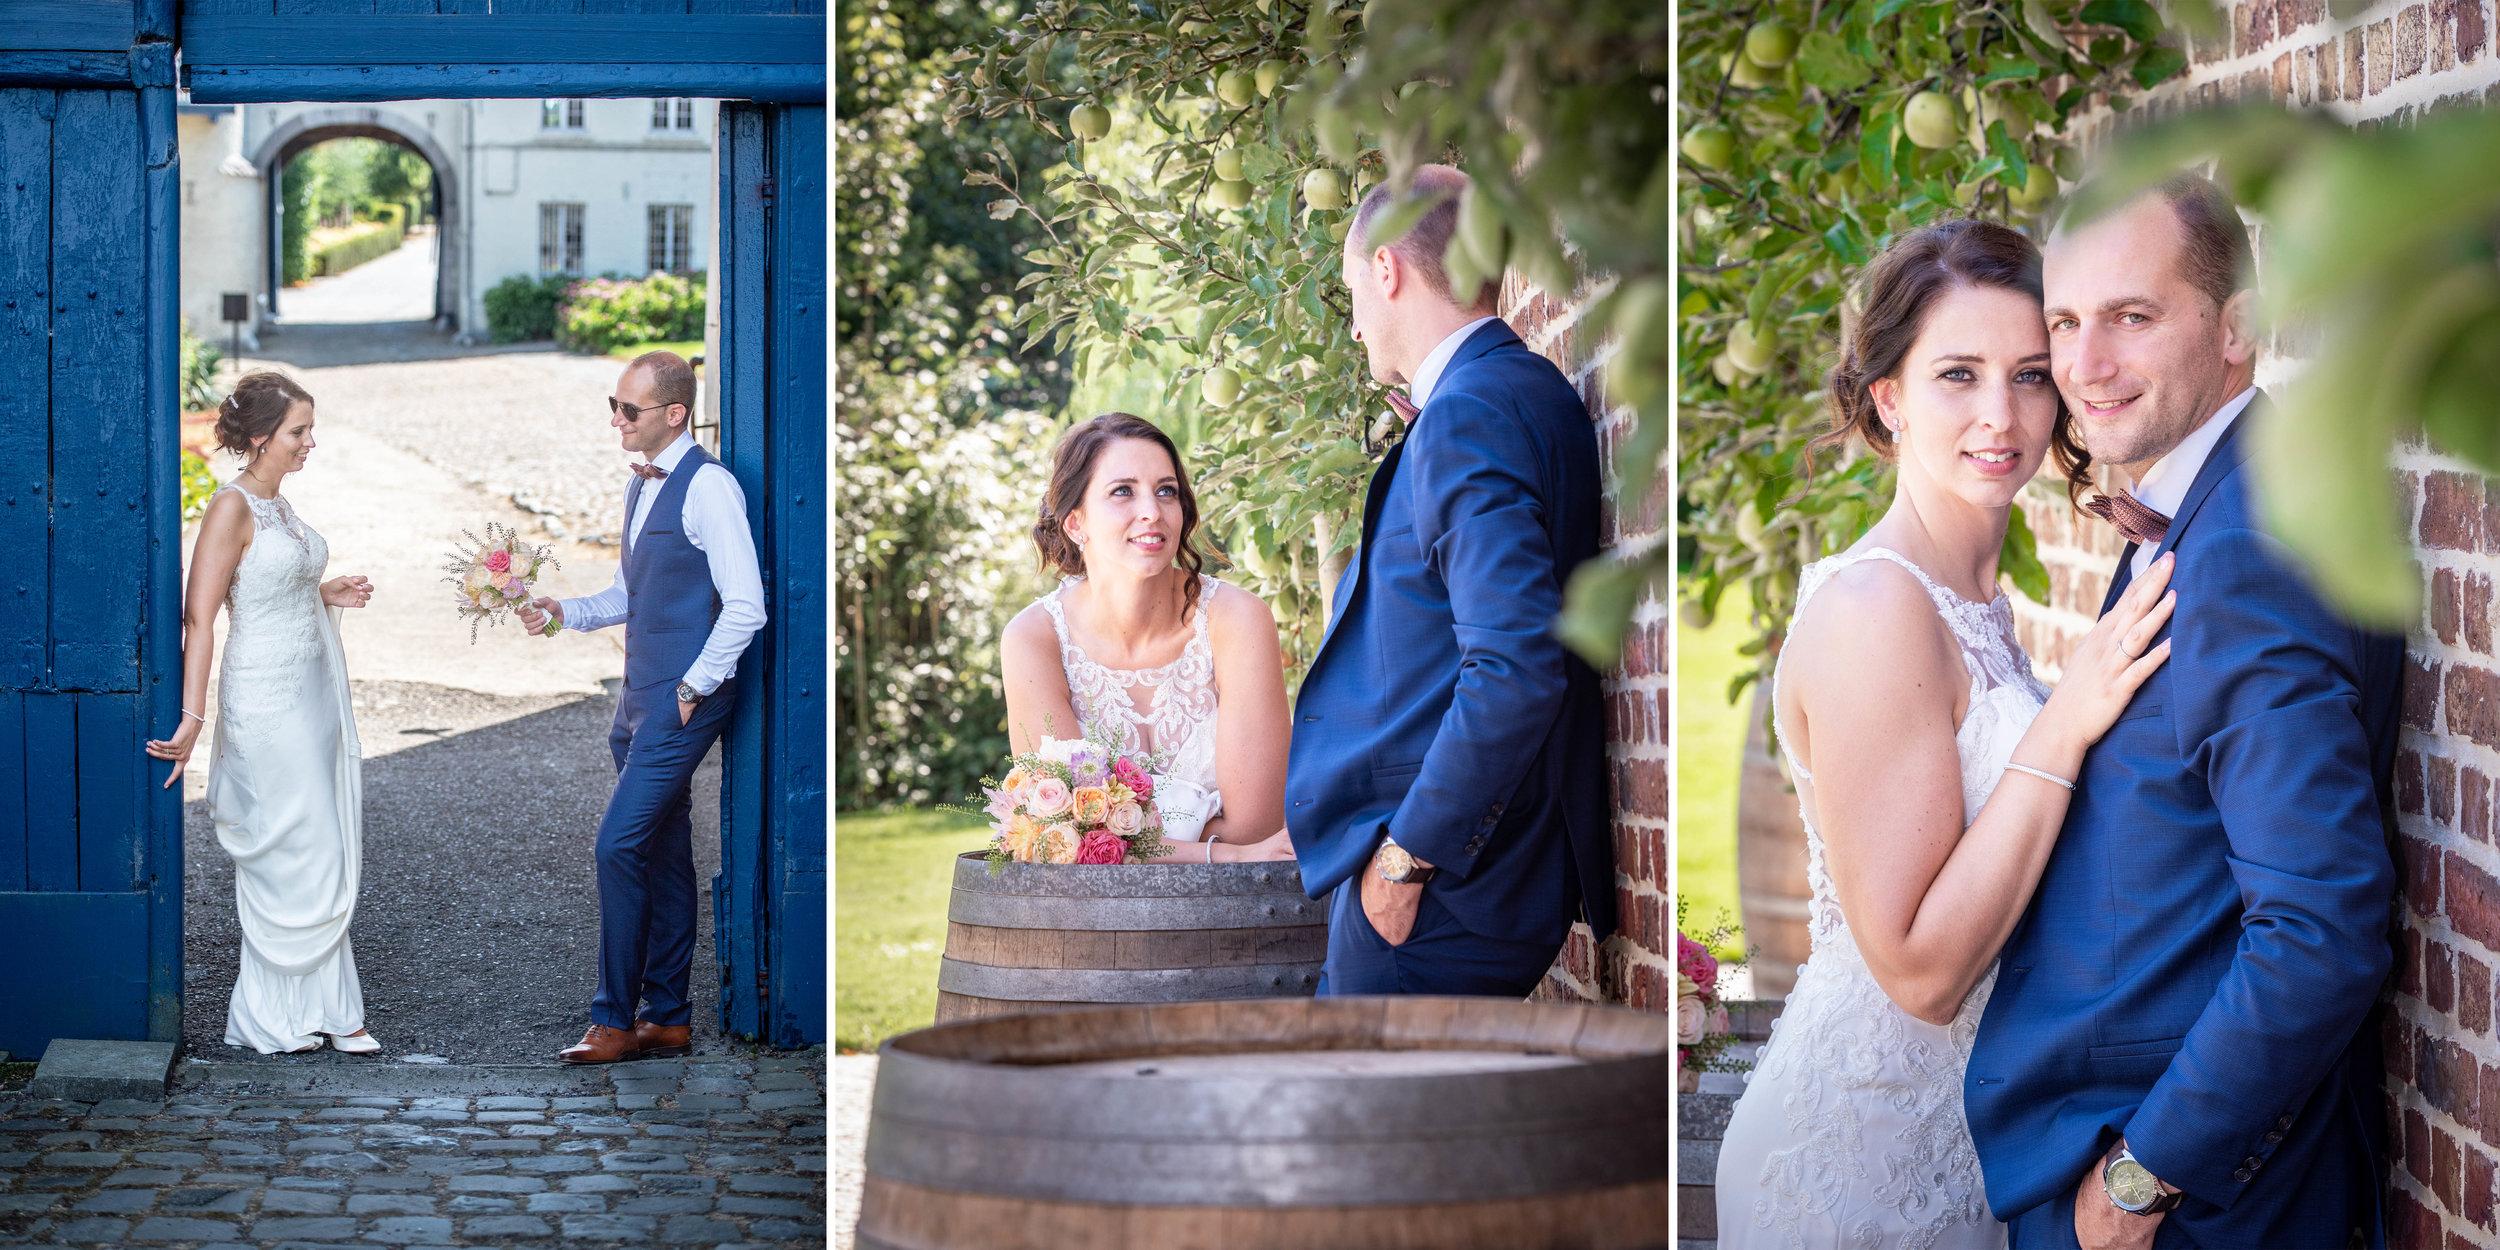 Huwelijksfotograaf, Bilzen, België - Het Fonteinhof, Borgloon